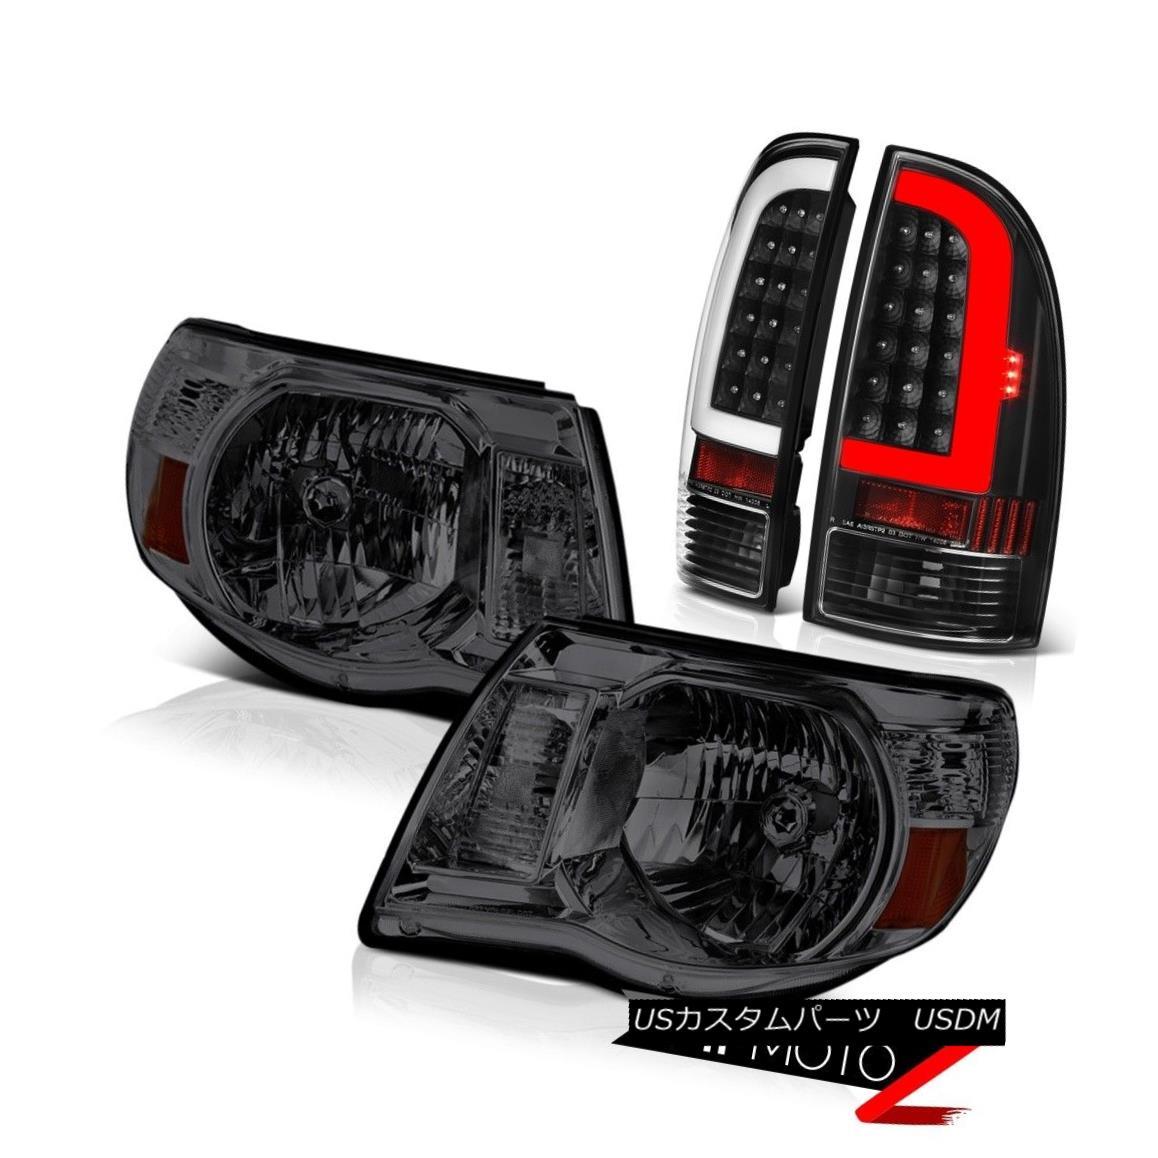 テールライト 2005-2011 Toyota Tacoma Inky Black Fiber Optic Tail Graphite Smoke Head Lights 2005-2011トヨタタコマインキブラックファイバーテールグラファイトスモークヘッドライト